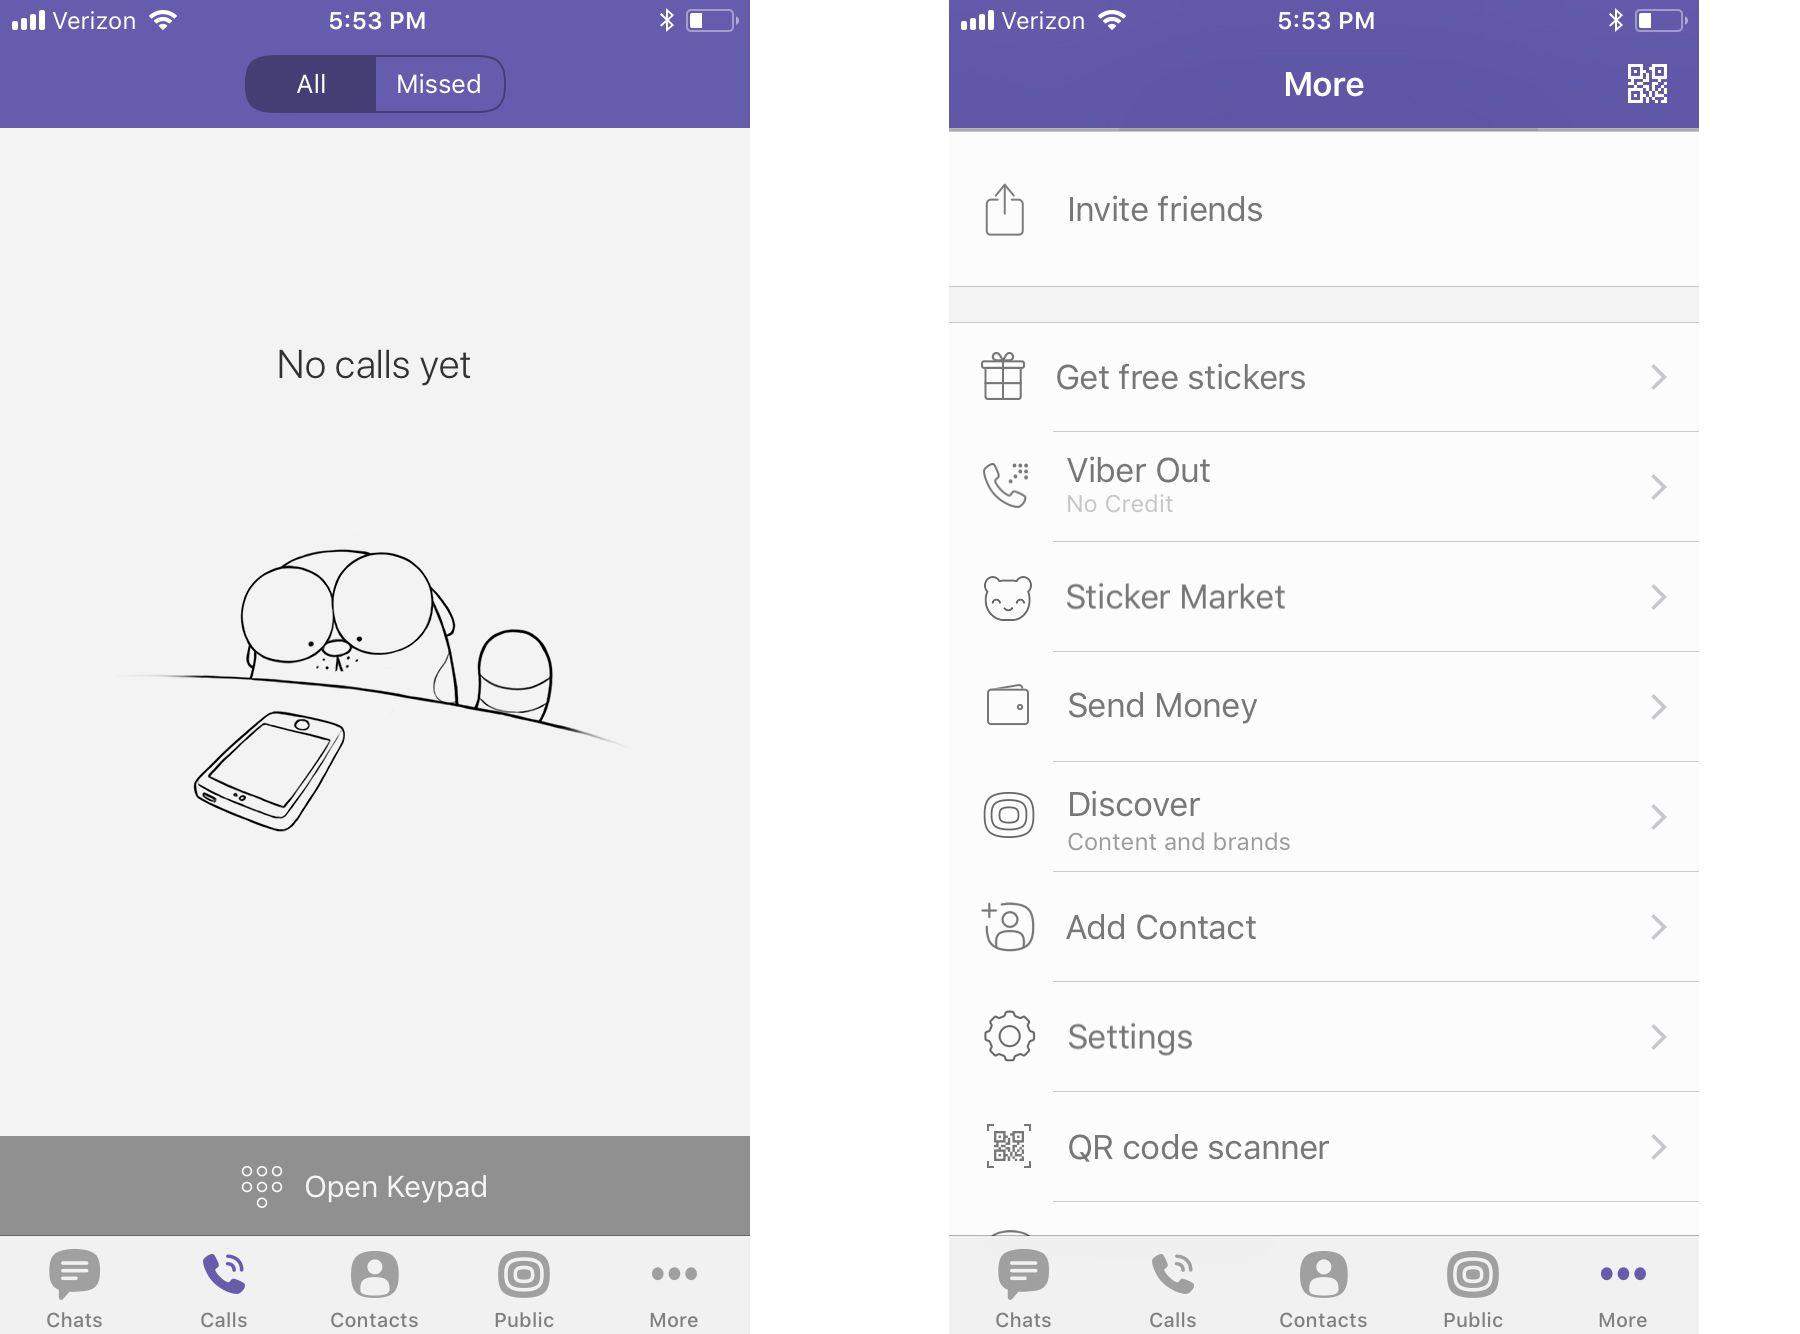 Viber app calls screen and options menu